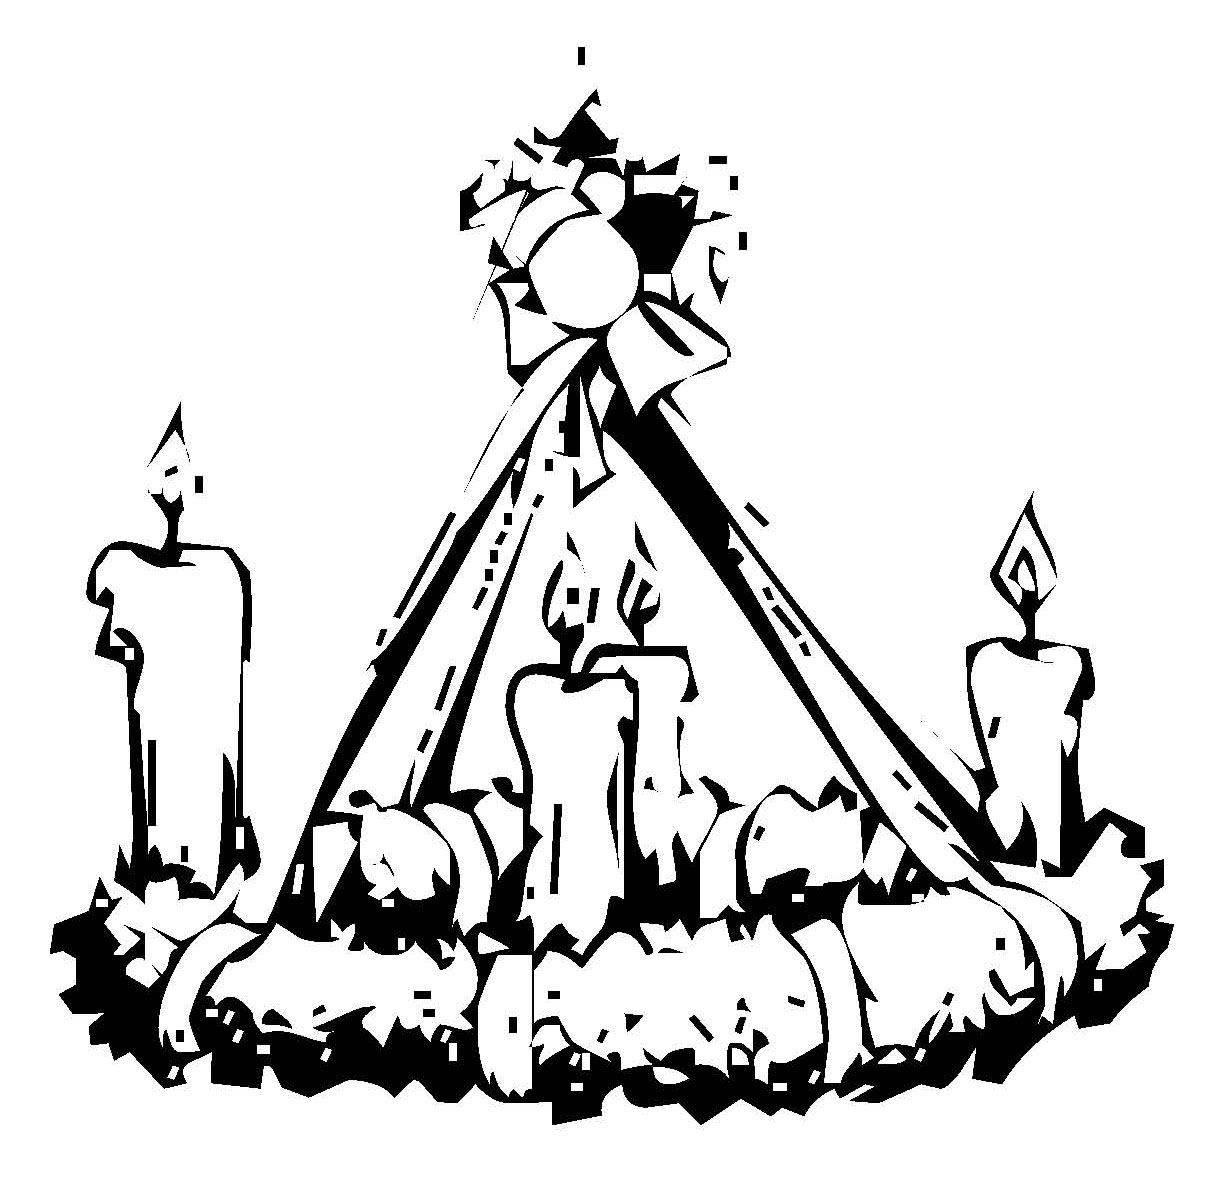 Kostenlose Malvorlage Weihnachten: Adventskranz zum Ausmalen